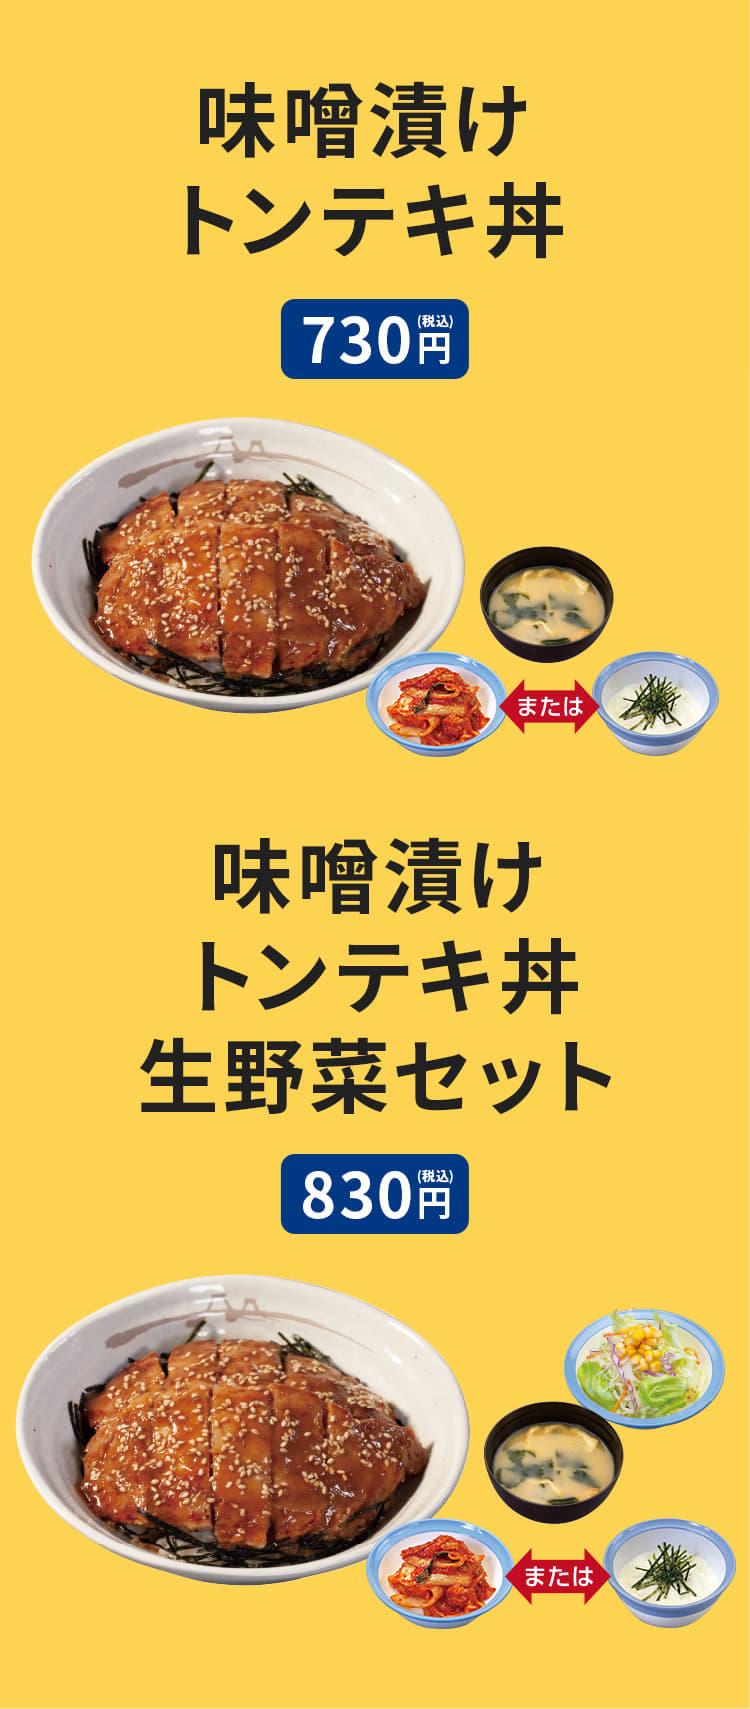 味噌漬けトンテキ丼(みそ汁、キムチまたはとろろ付)730円。味噌漬けトンテキ丼生野菜セット(みそ汁、キムチまたはとろろ、生野菜付)830円。